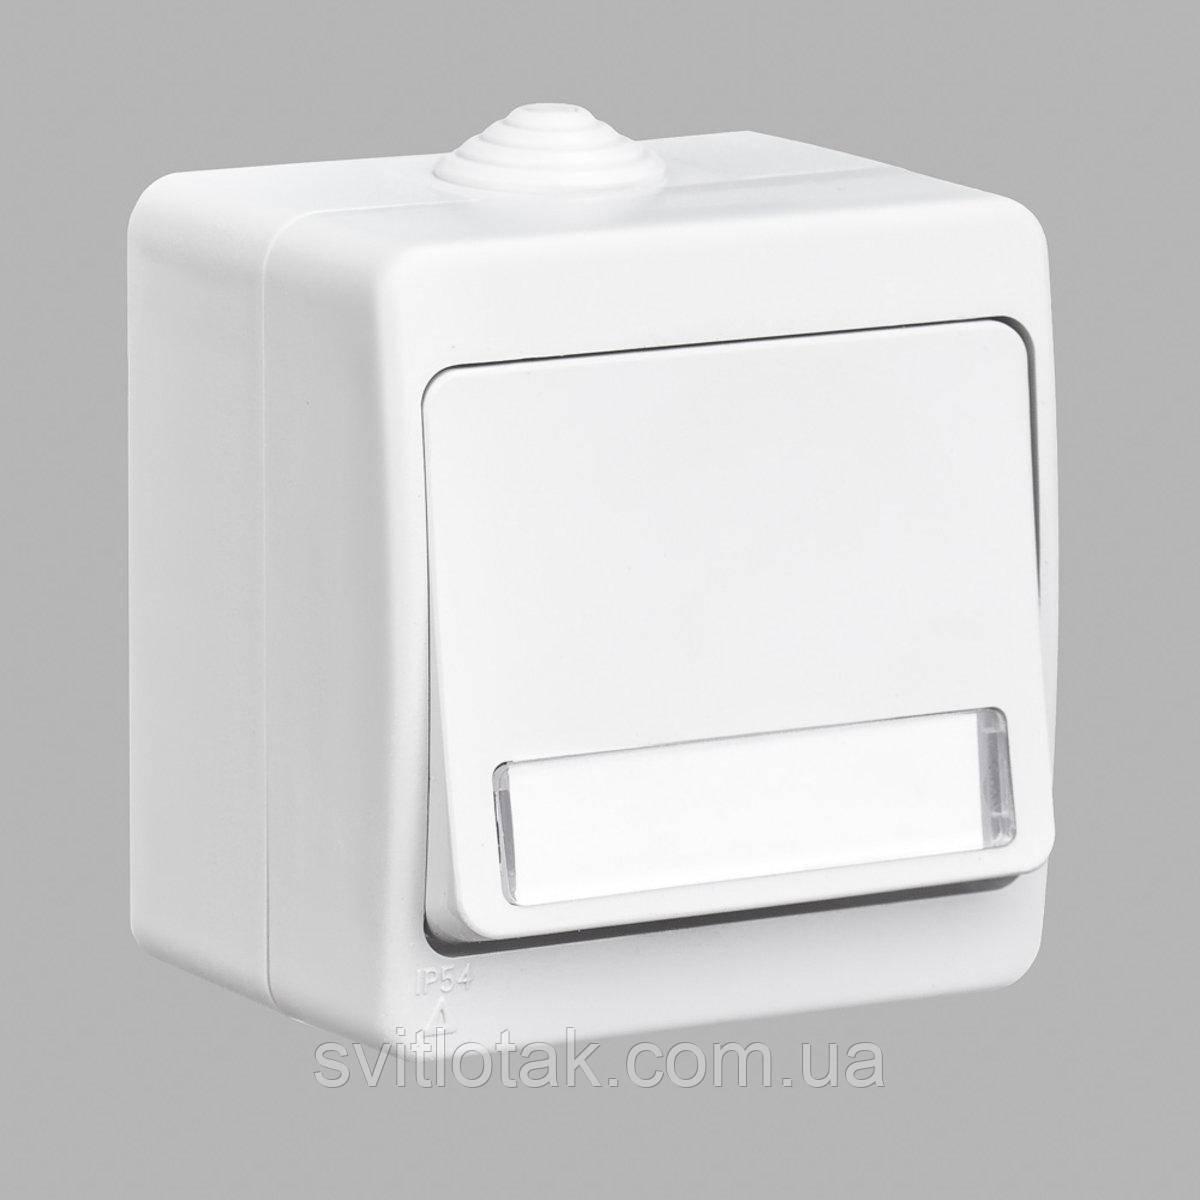 Nemli кнопка дзвінка 1-ая з підсвічуванням і місцем під етикетку вологозахищена біла